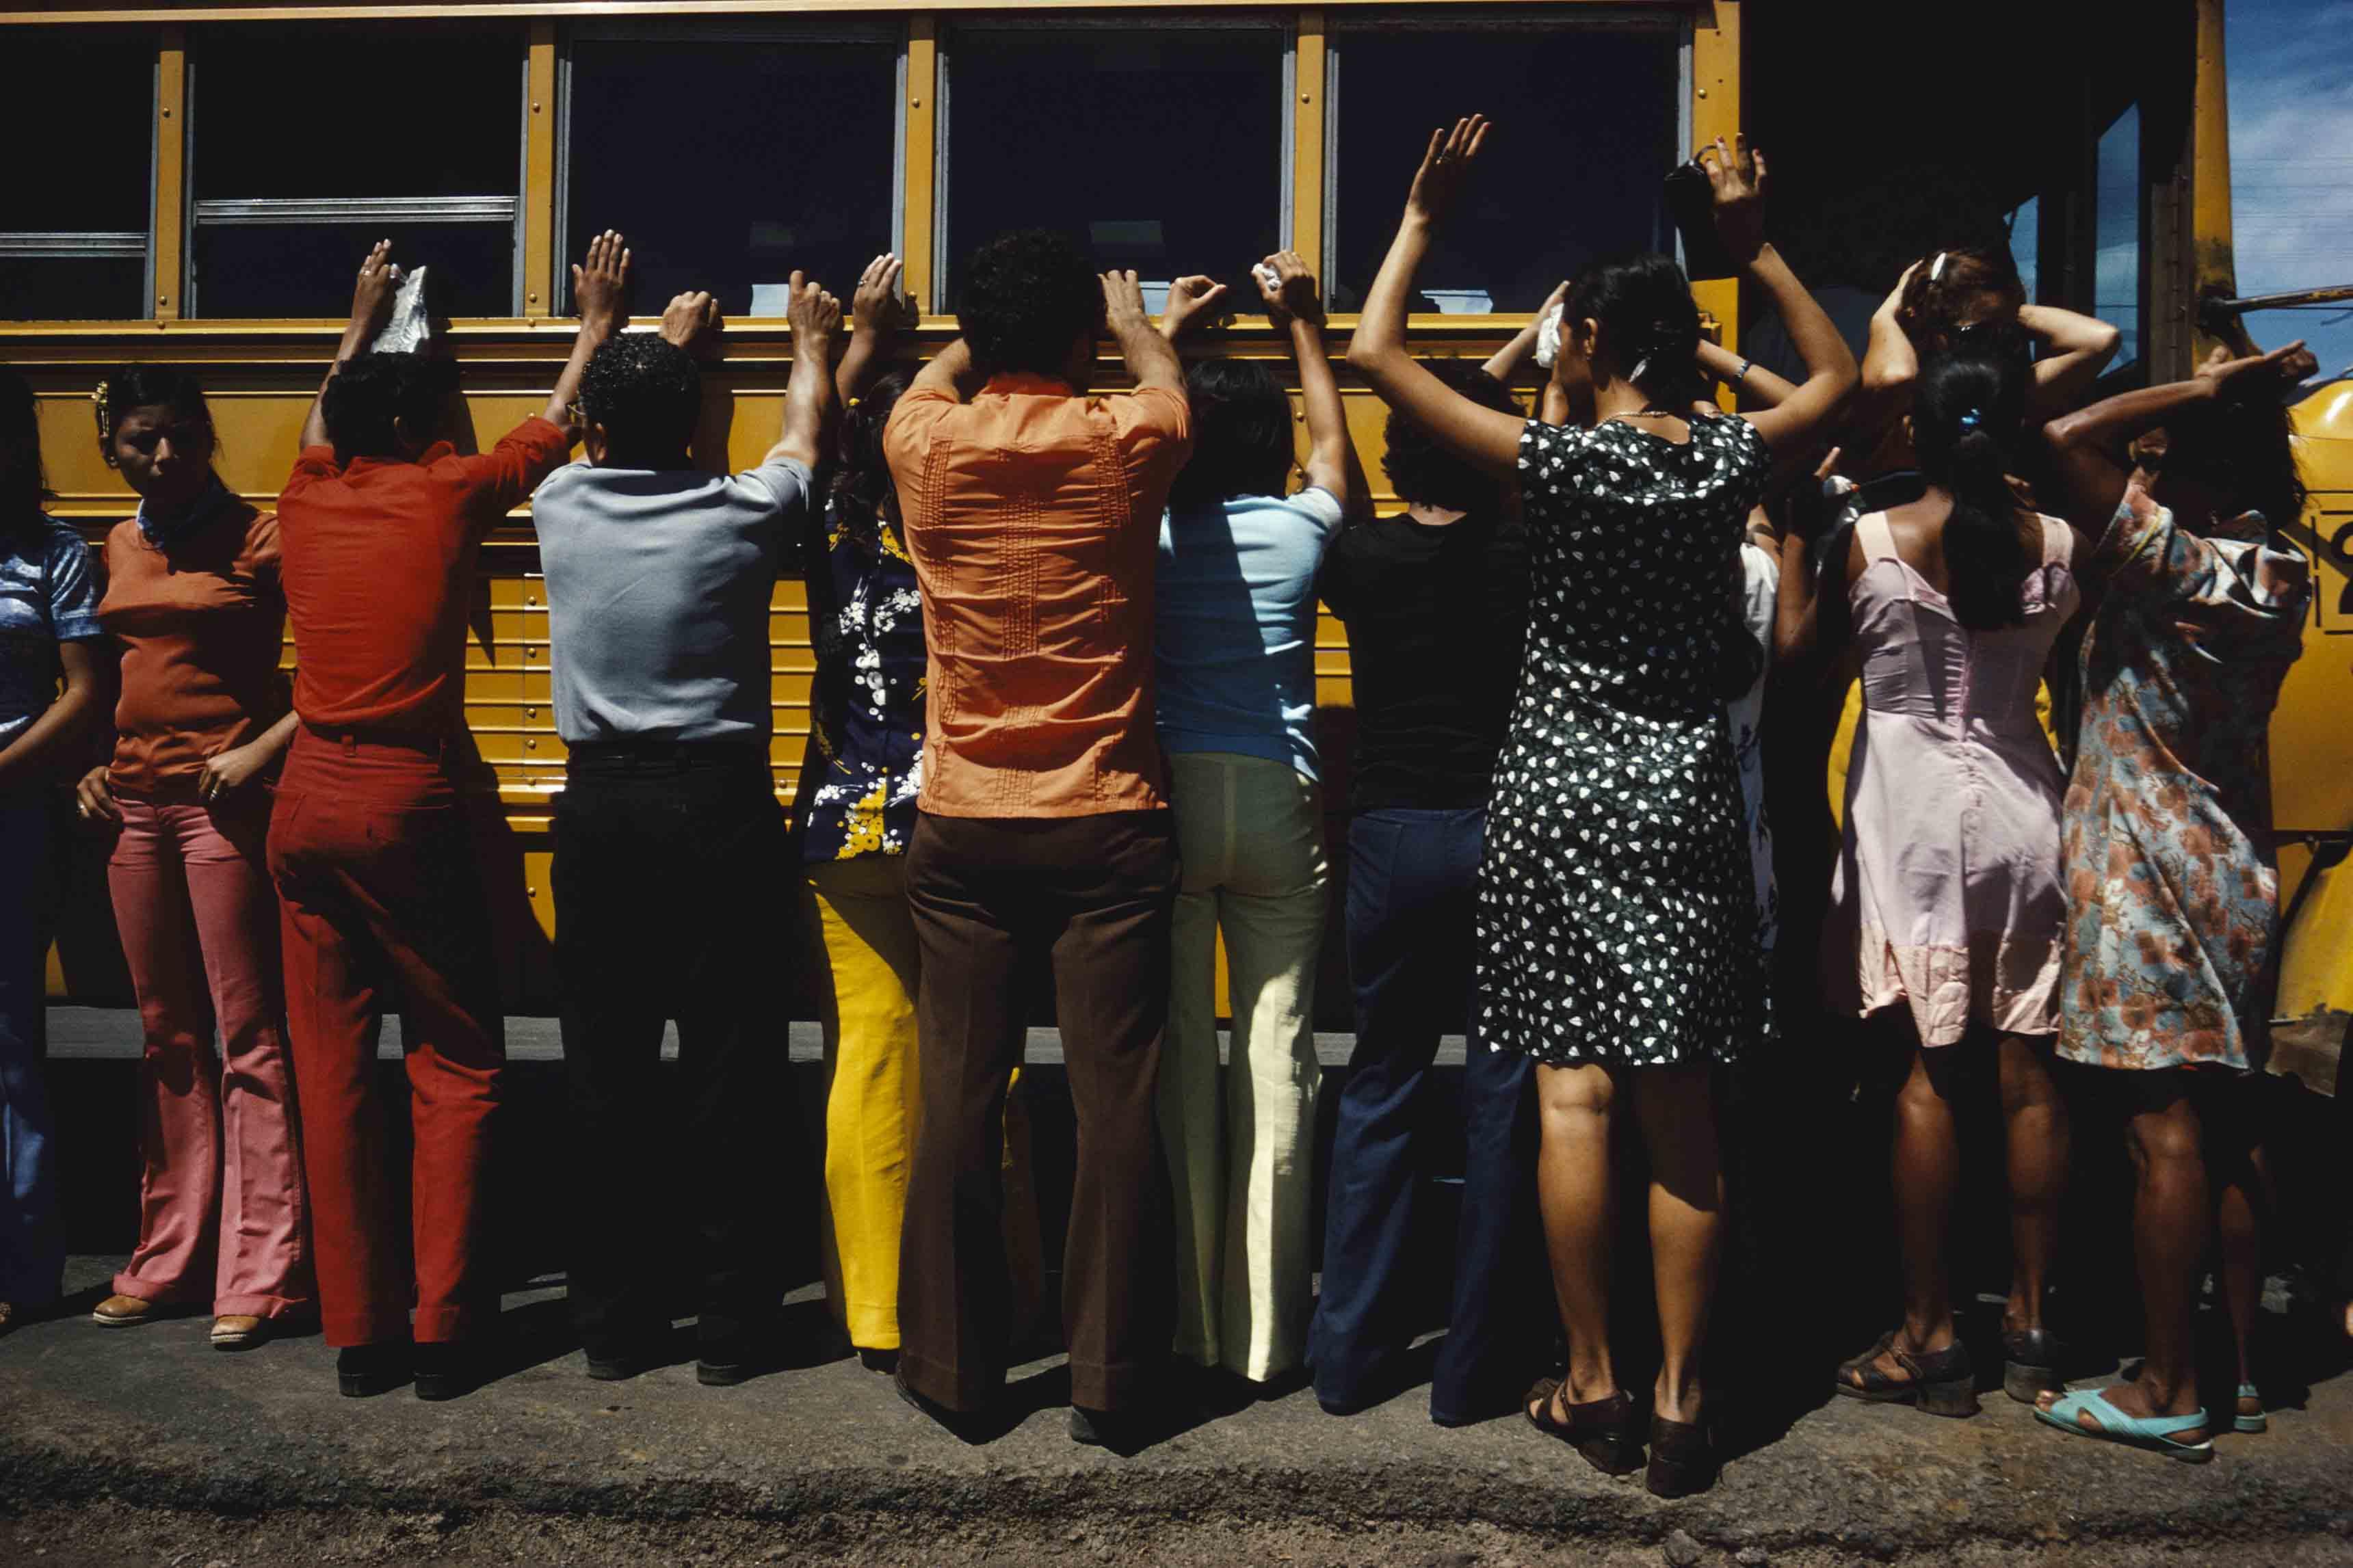 Susan Meiselas, Fouille de toutes les personnes voyageant en voiture, en camion, en bus ou à pied, Ciudad Sandino, Nicaragua, 1978 © Susan Meiselas/Magnum Photos